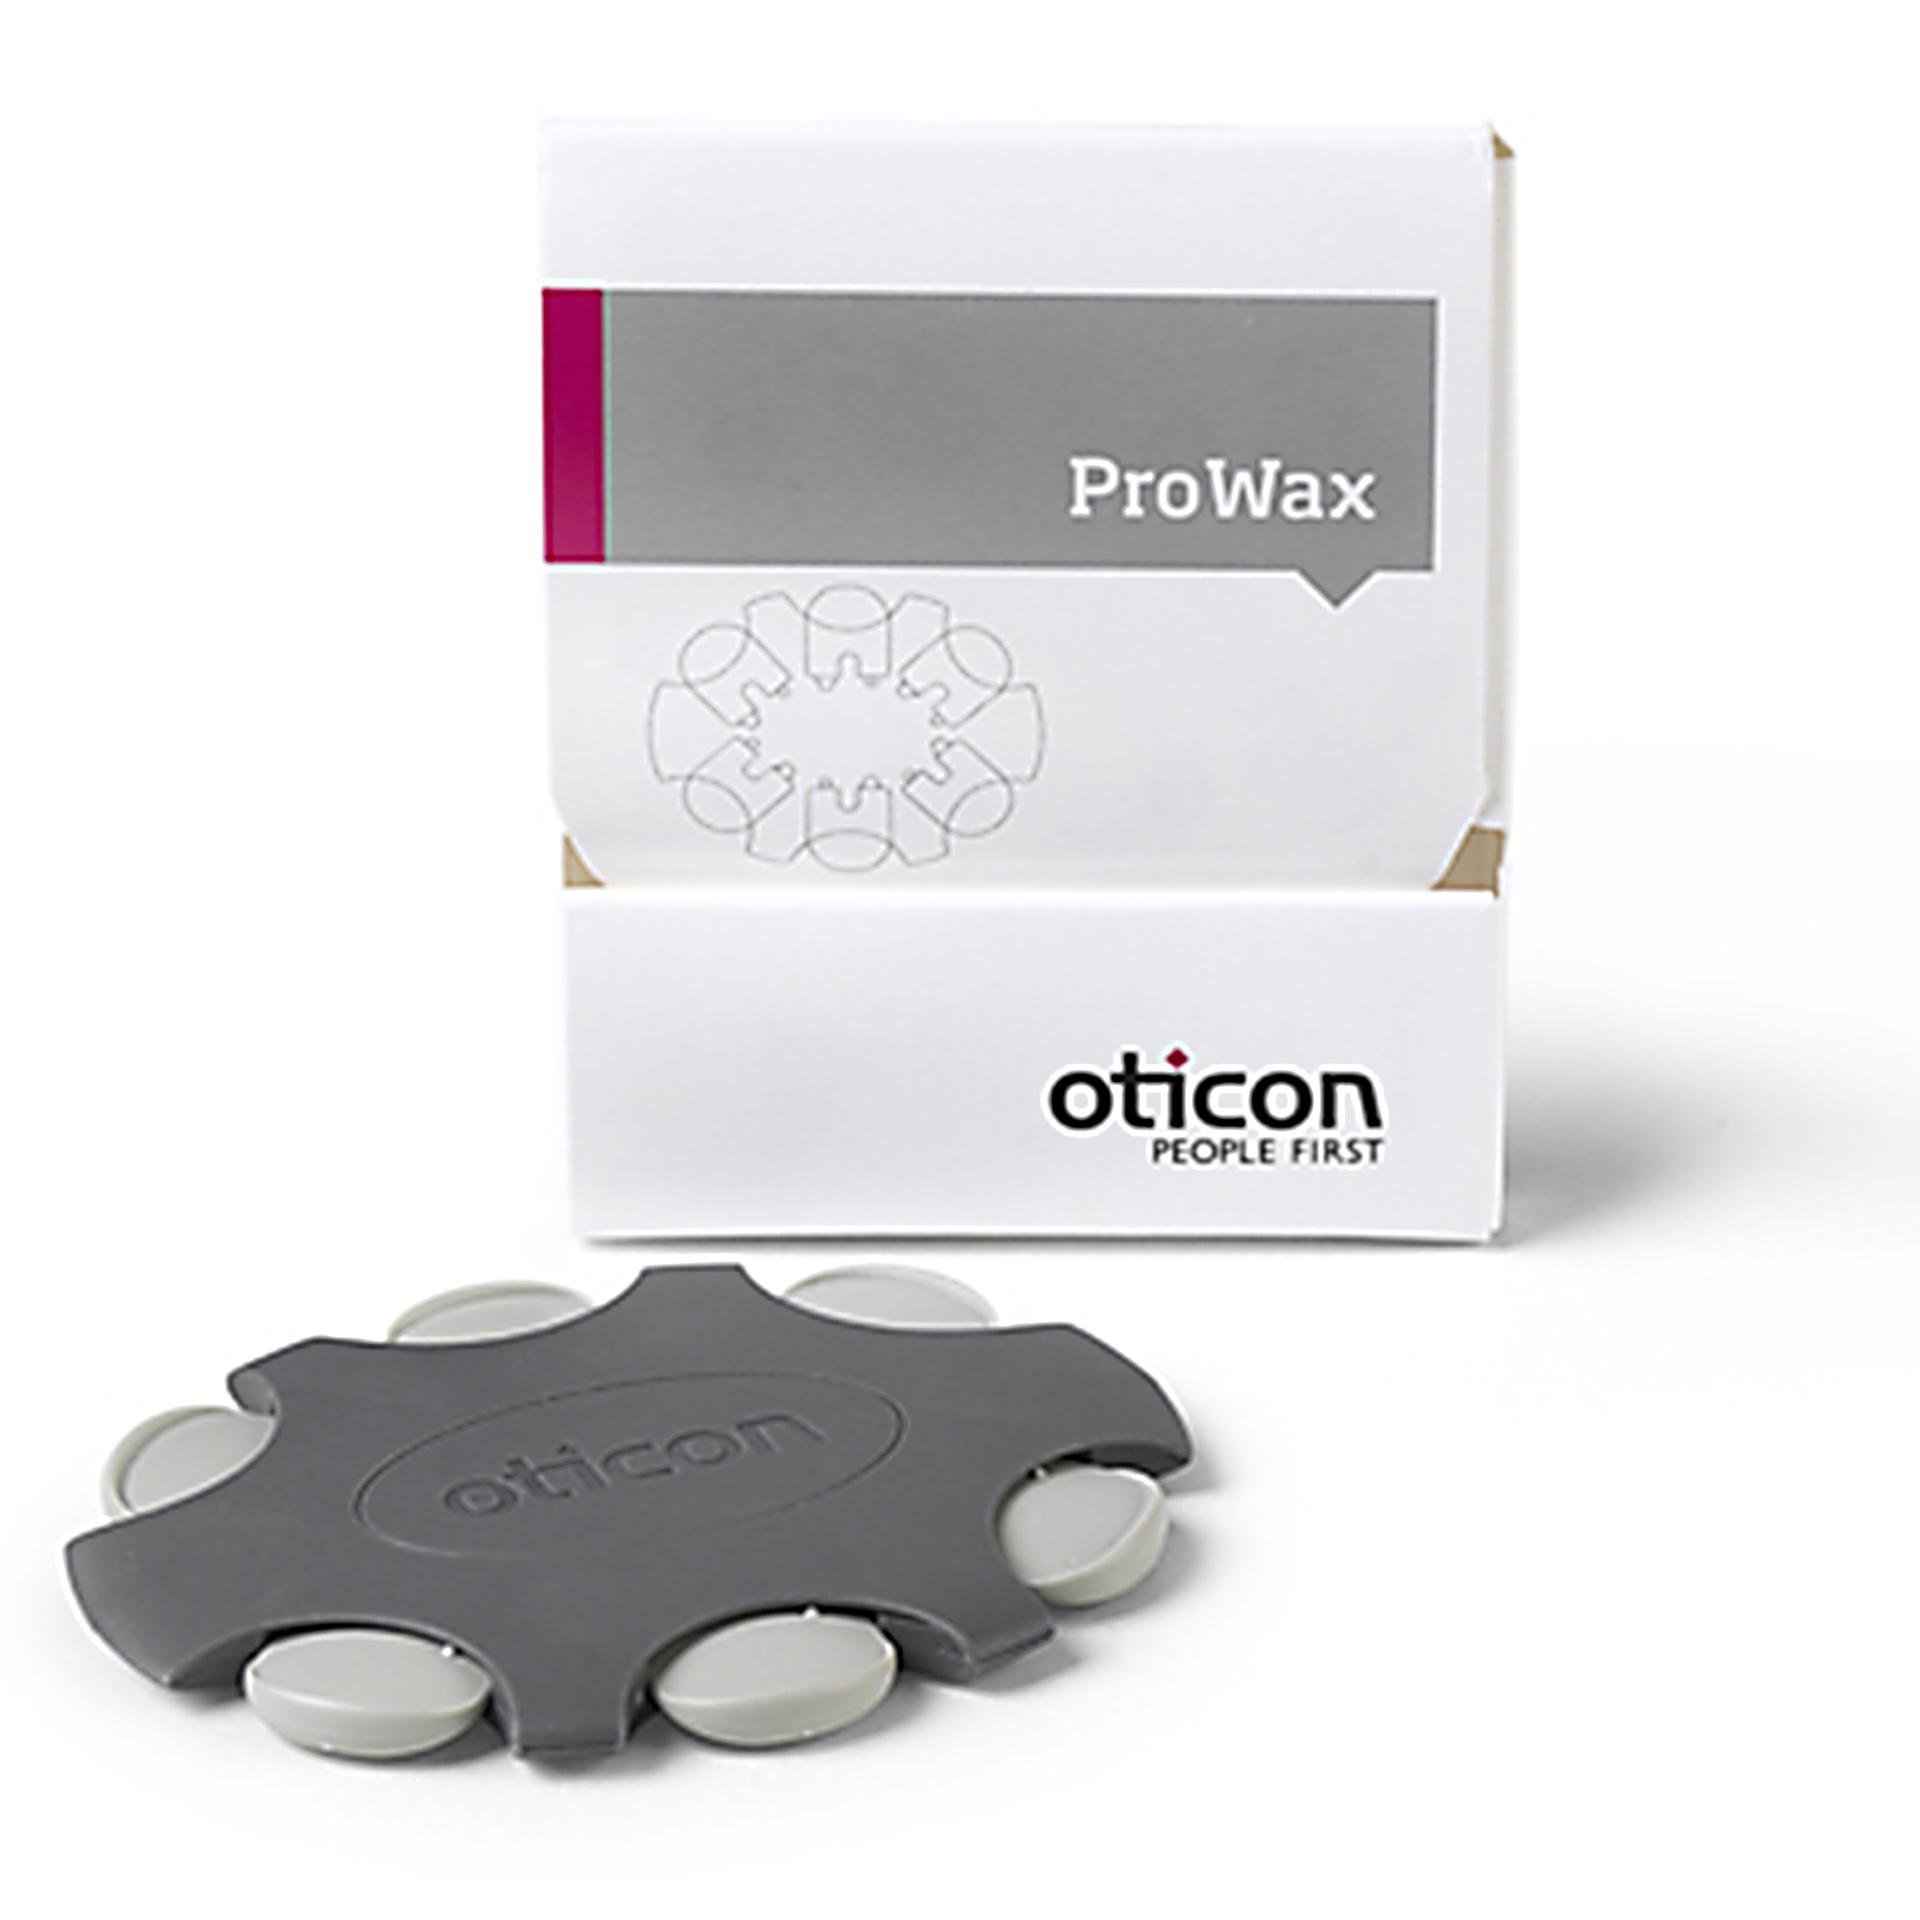 ProWax